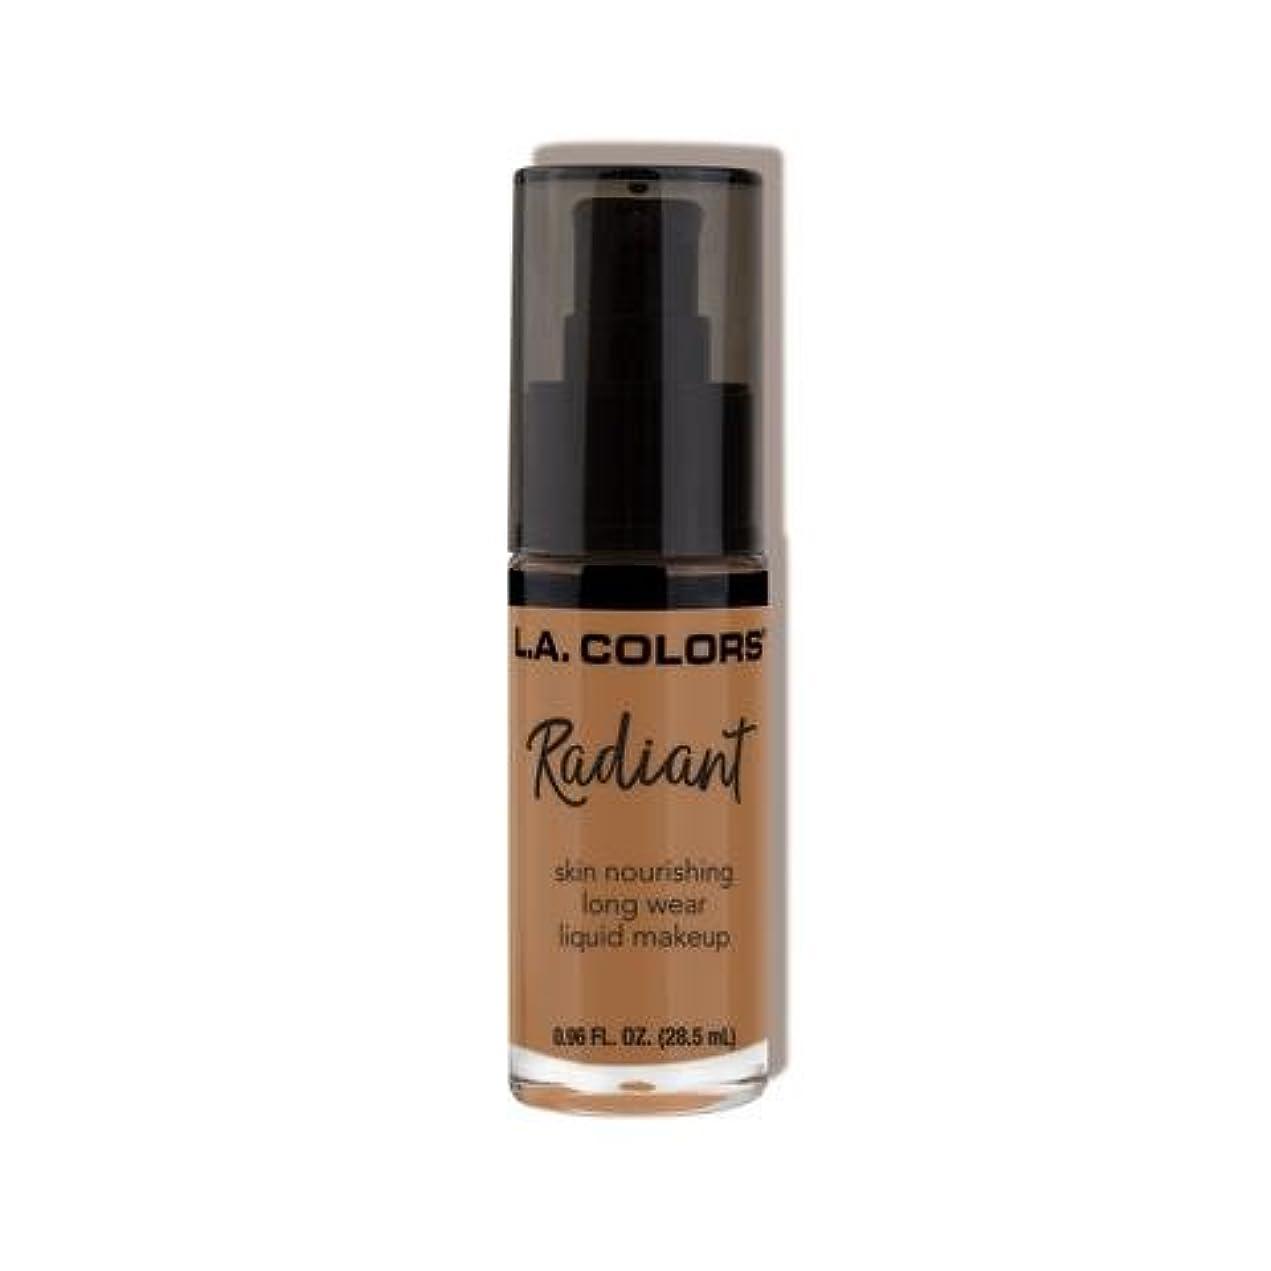 アクセント洞察力シャベル(6 Pack) L.A. COLORS Radiant Liquid Makeup - Chestnut (並行輸入品)